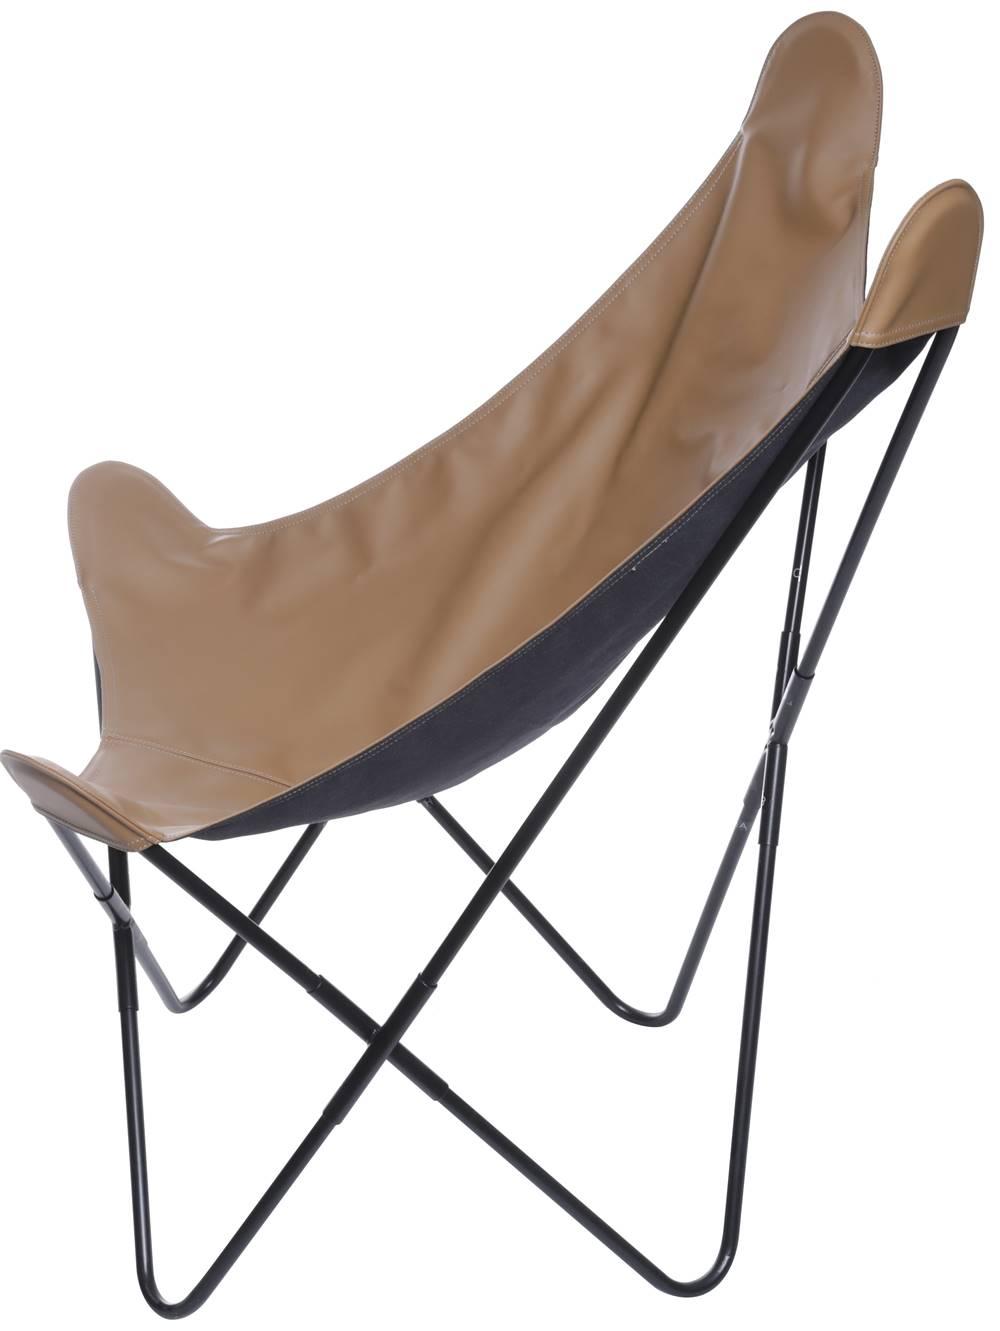 Poltrona Butterfly Estrutura em Ferro com Assento Courissimo cor Caramelo - 53529